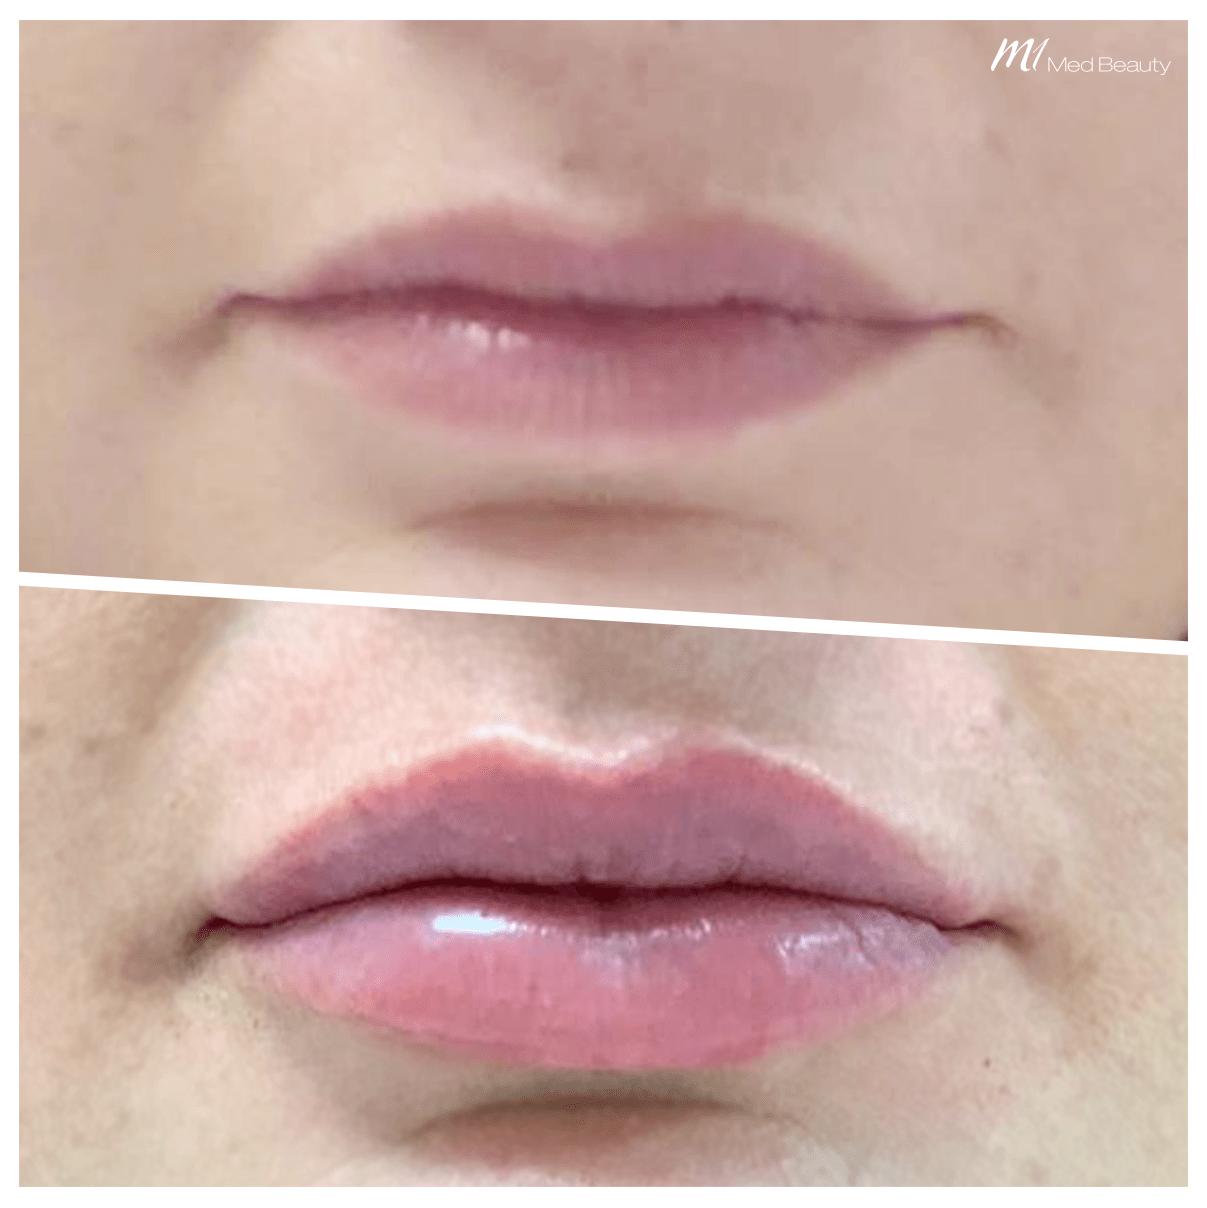 Lip filler treatment at M1 Med Beauty